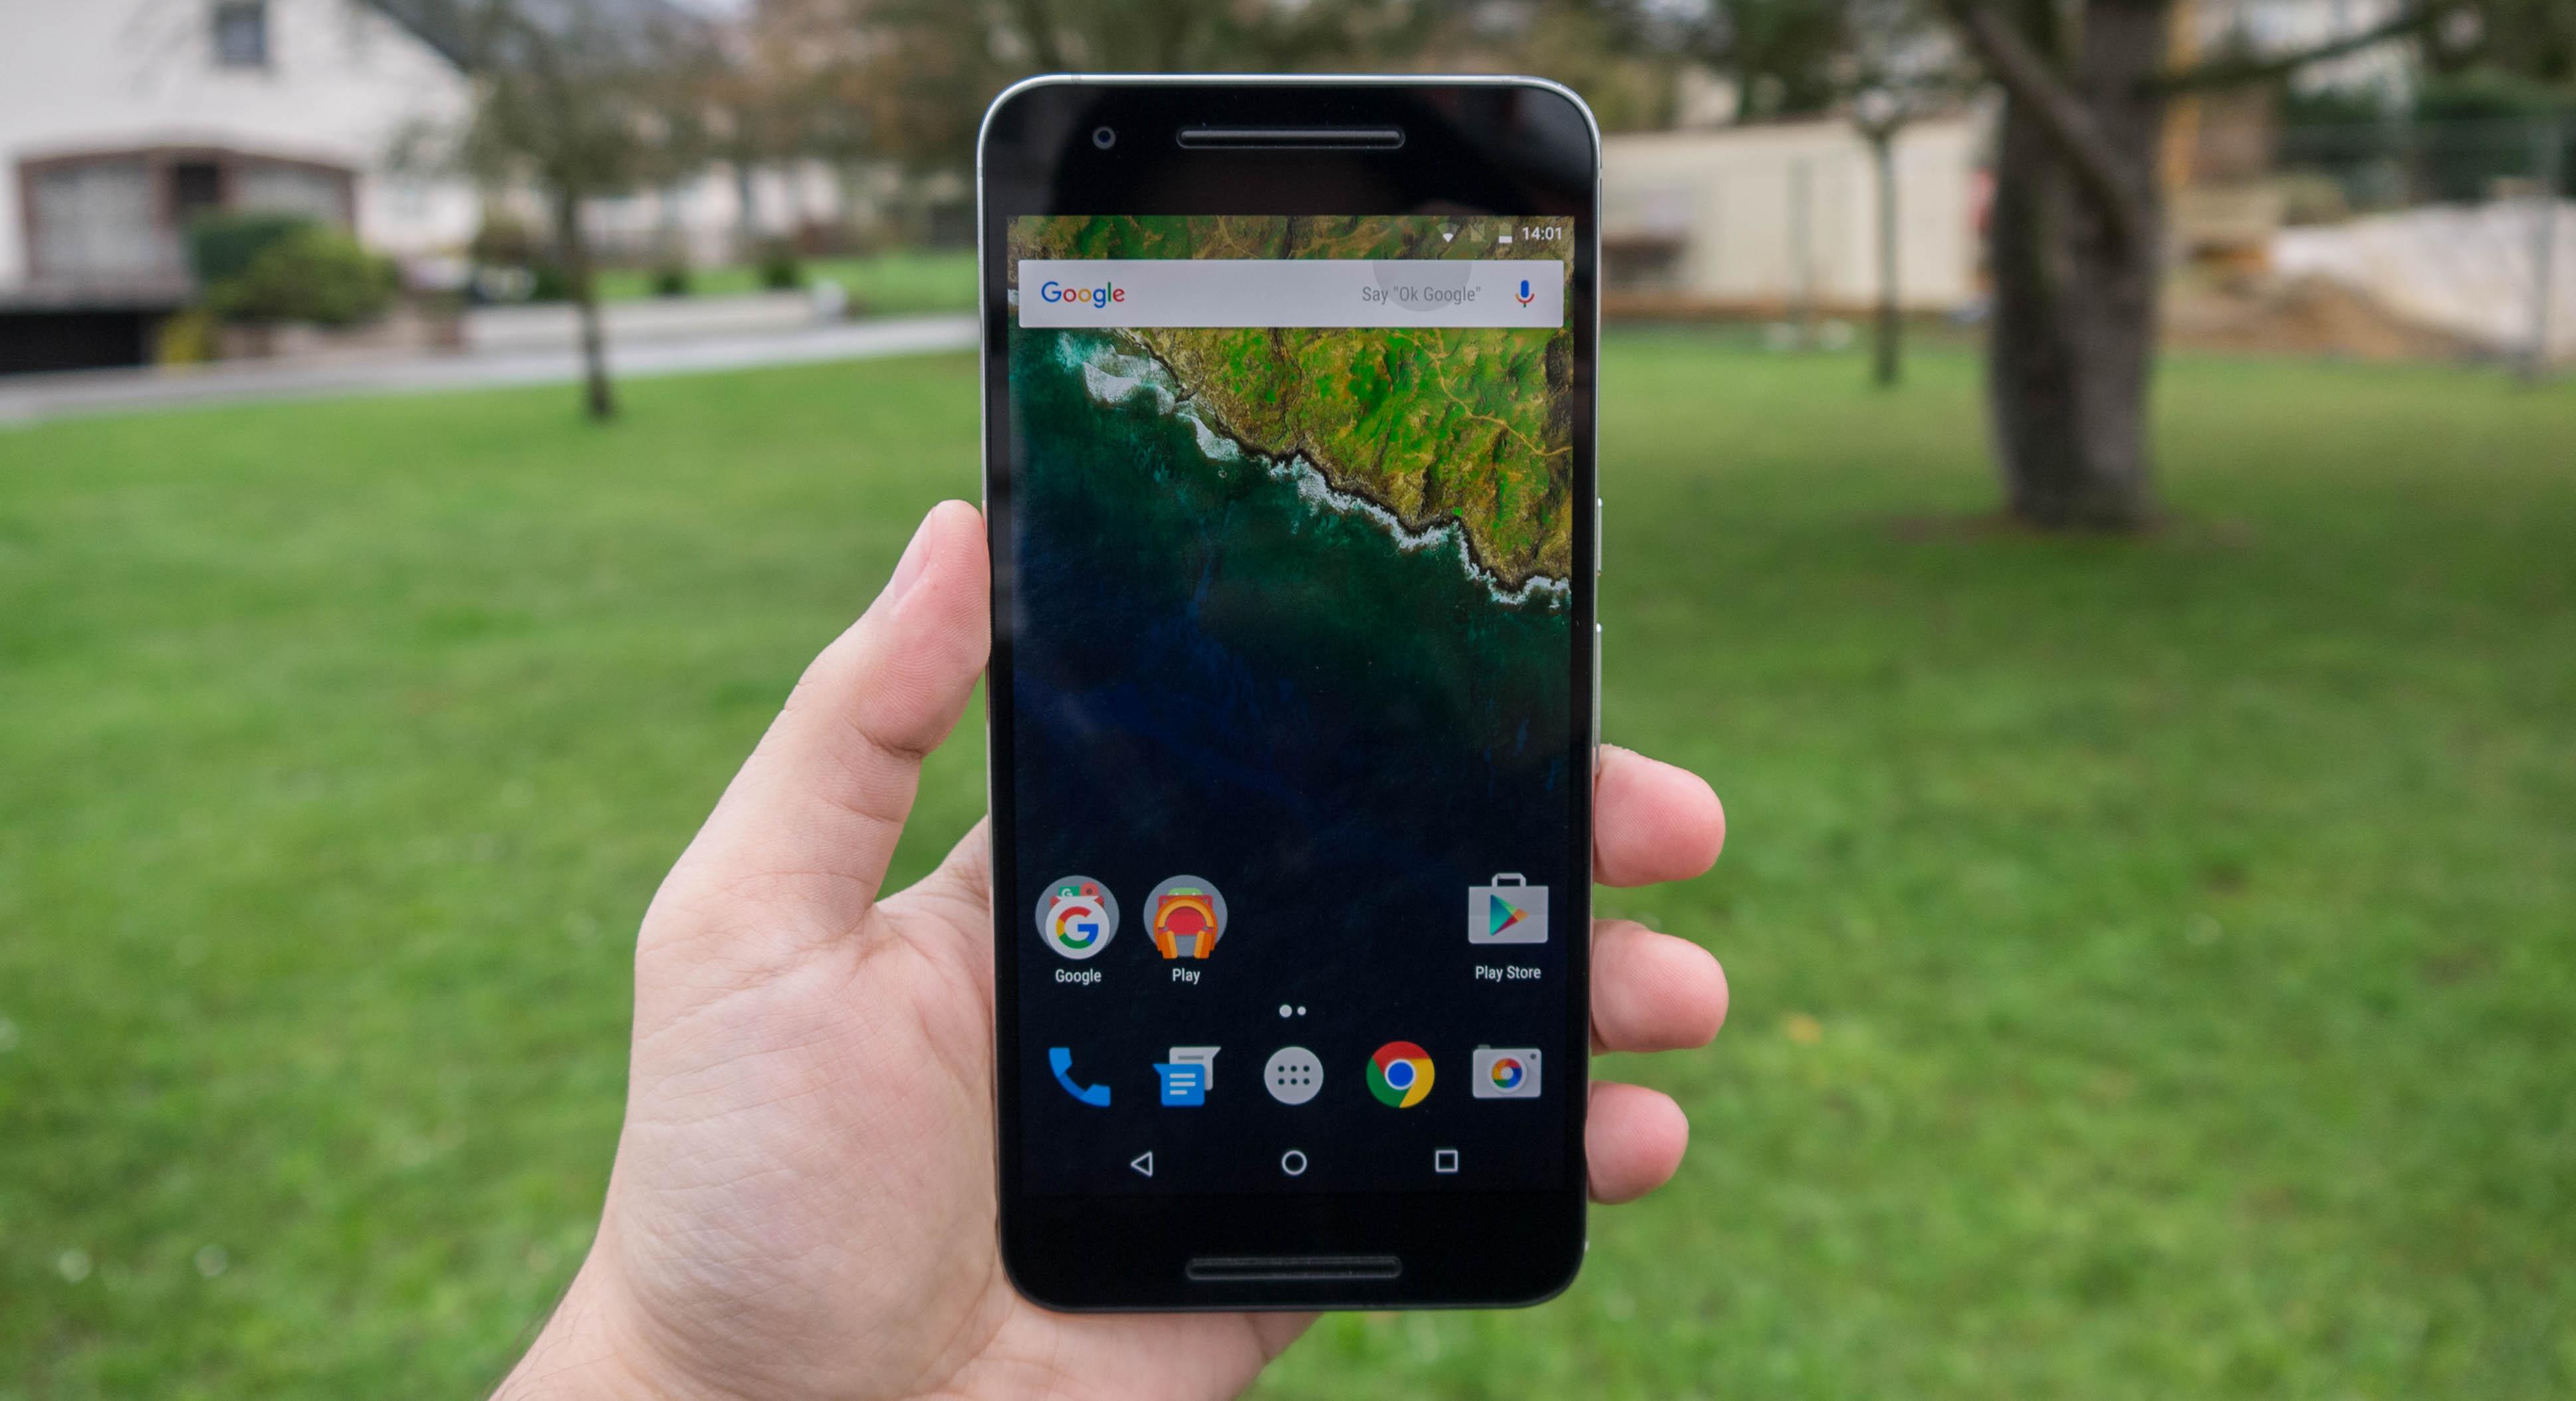 Google nexus 4 review pictures it pro - Google Nexus 4 Review Pictures It Pro 31